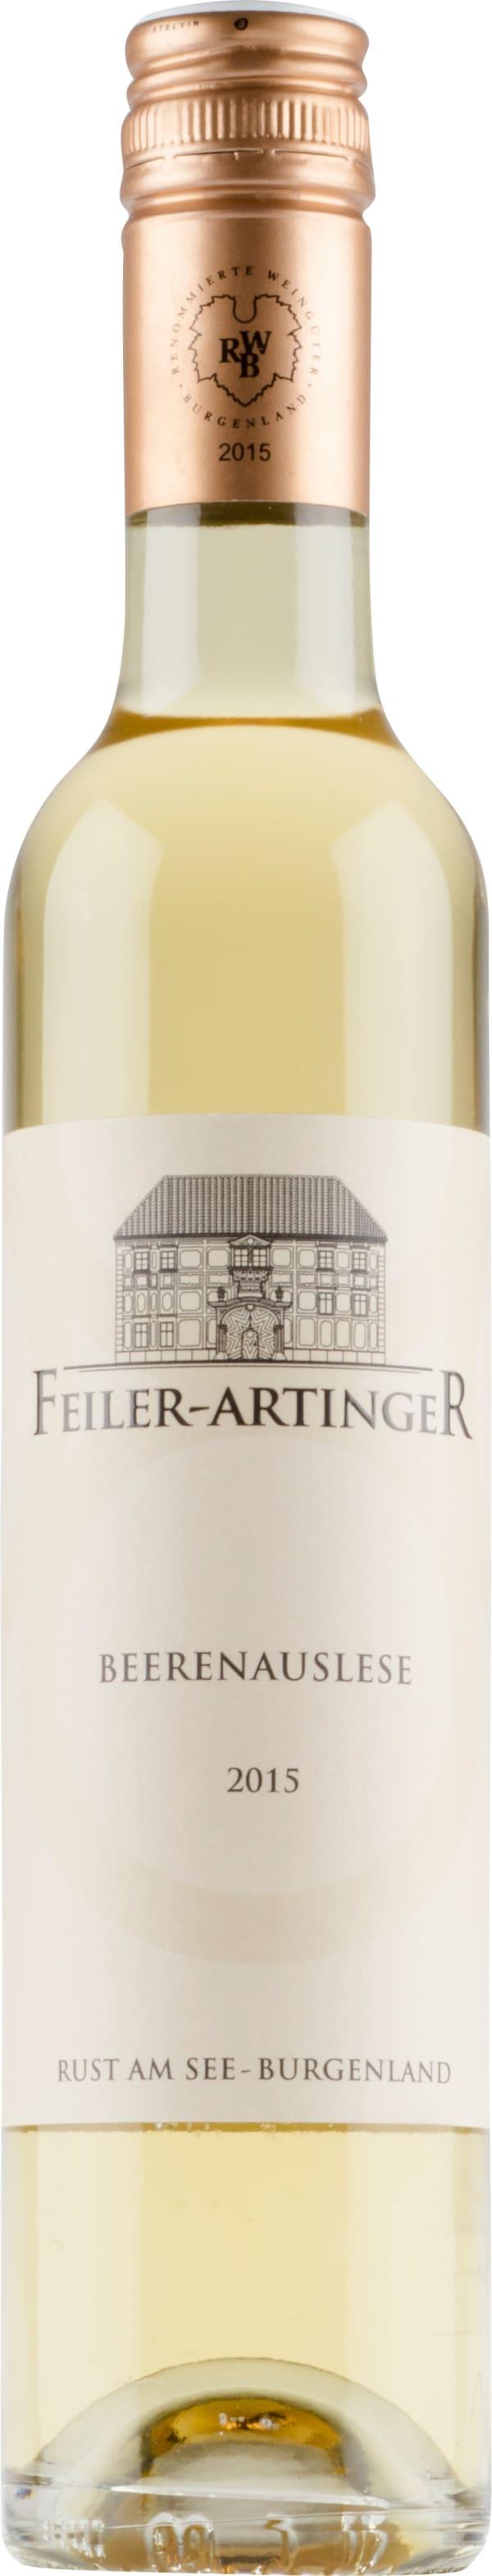 Feiler-Artinger Beerenauslese 2017